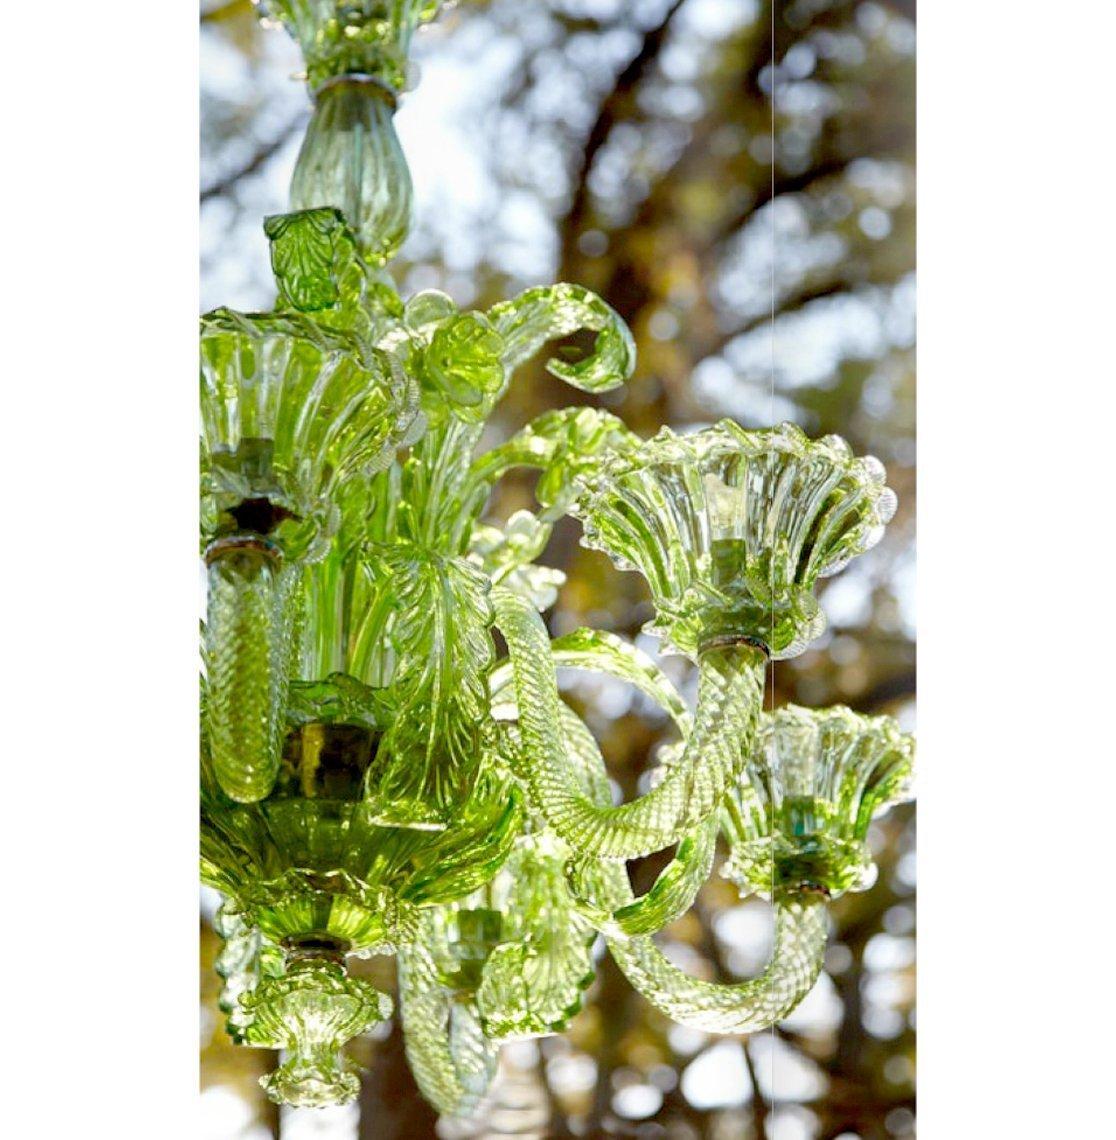 La scala green murano glass chandelier collage home murano glass chandelier detail aloadofball Images